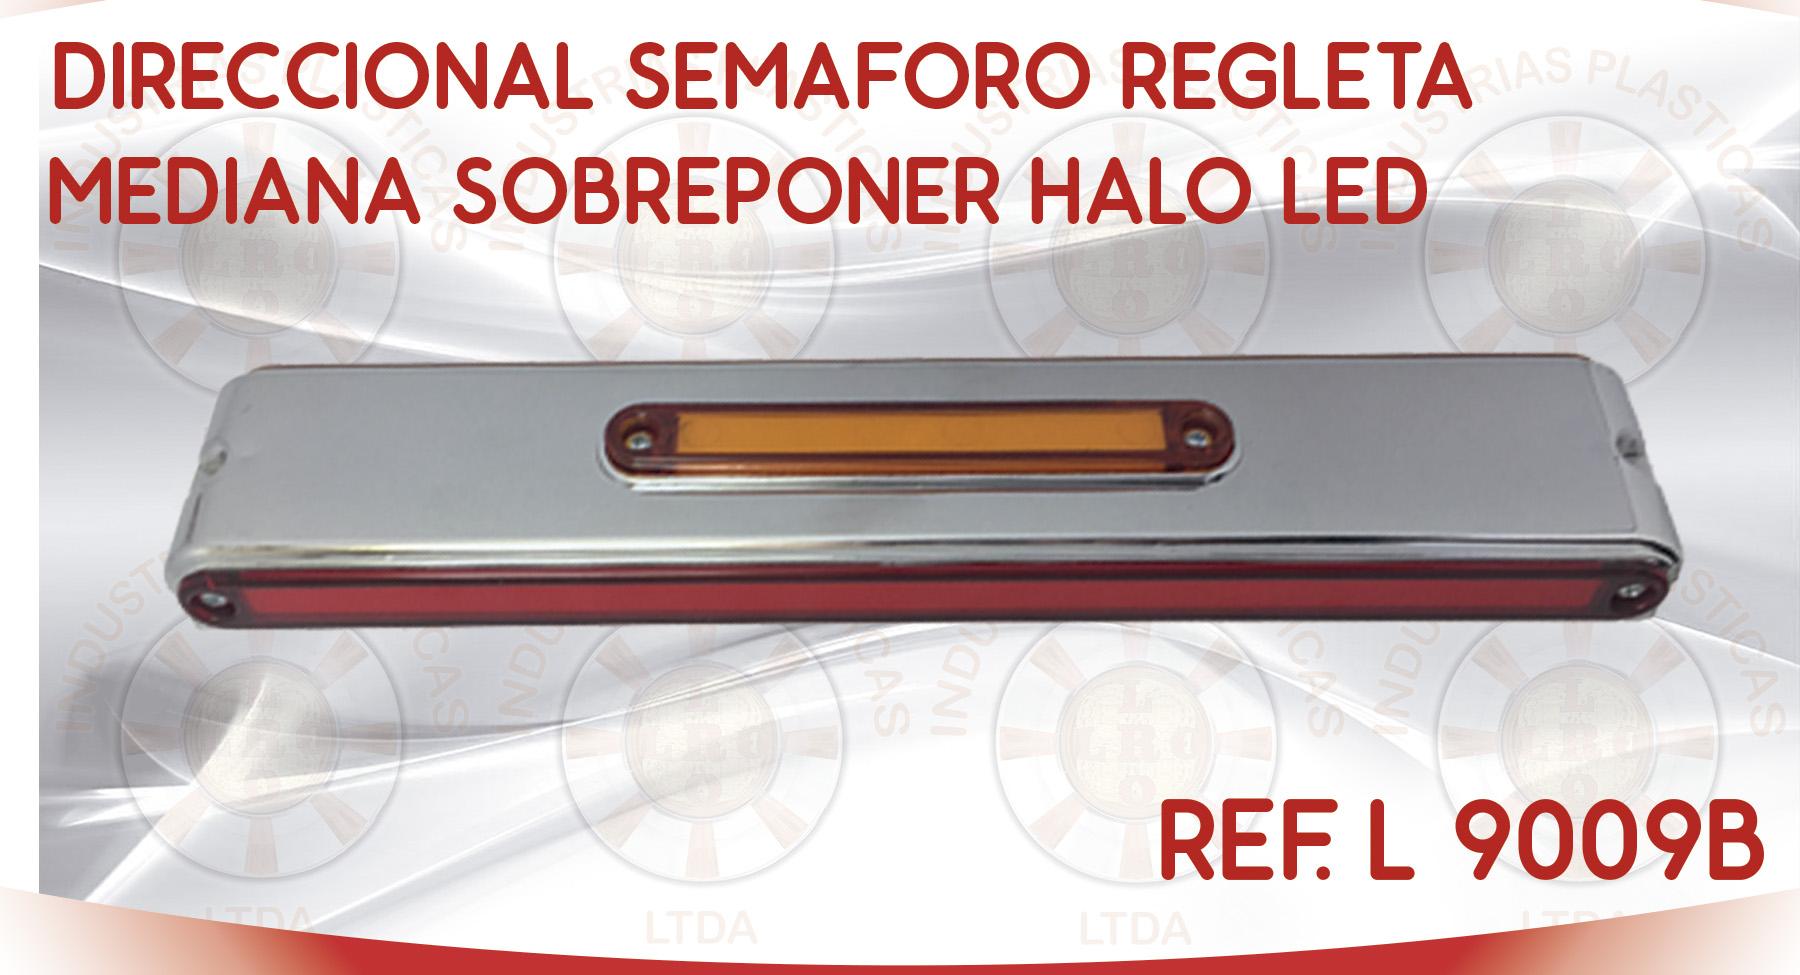 L 9009B DIRECCIONAL SEMAFORO REGLETA MEDIANA SOBREPONER HALO LED